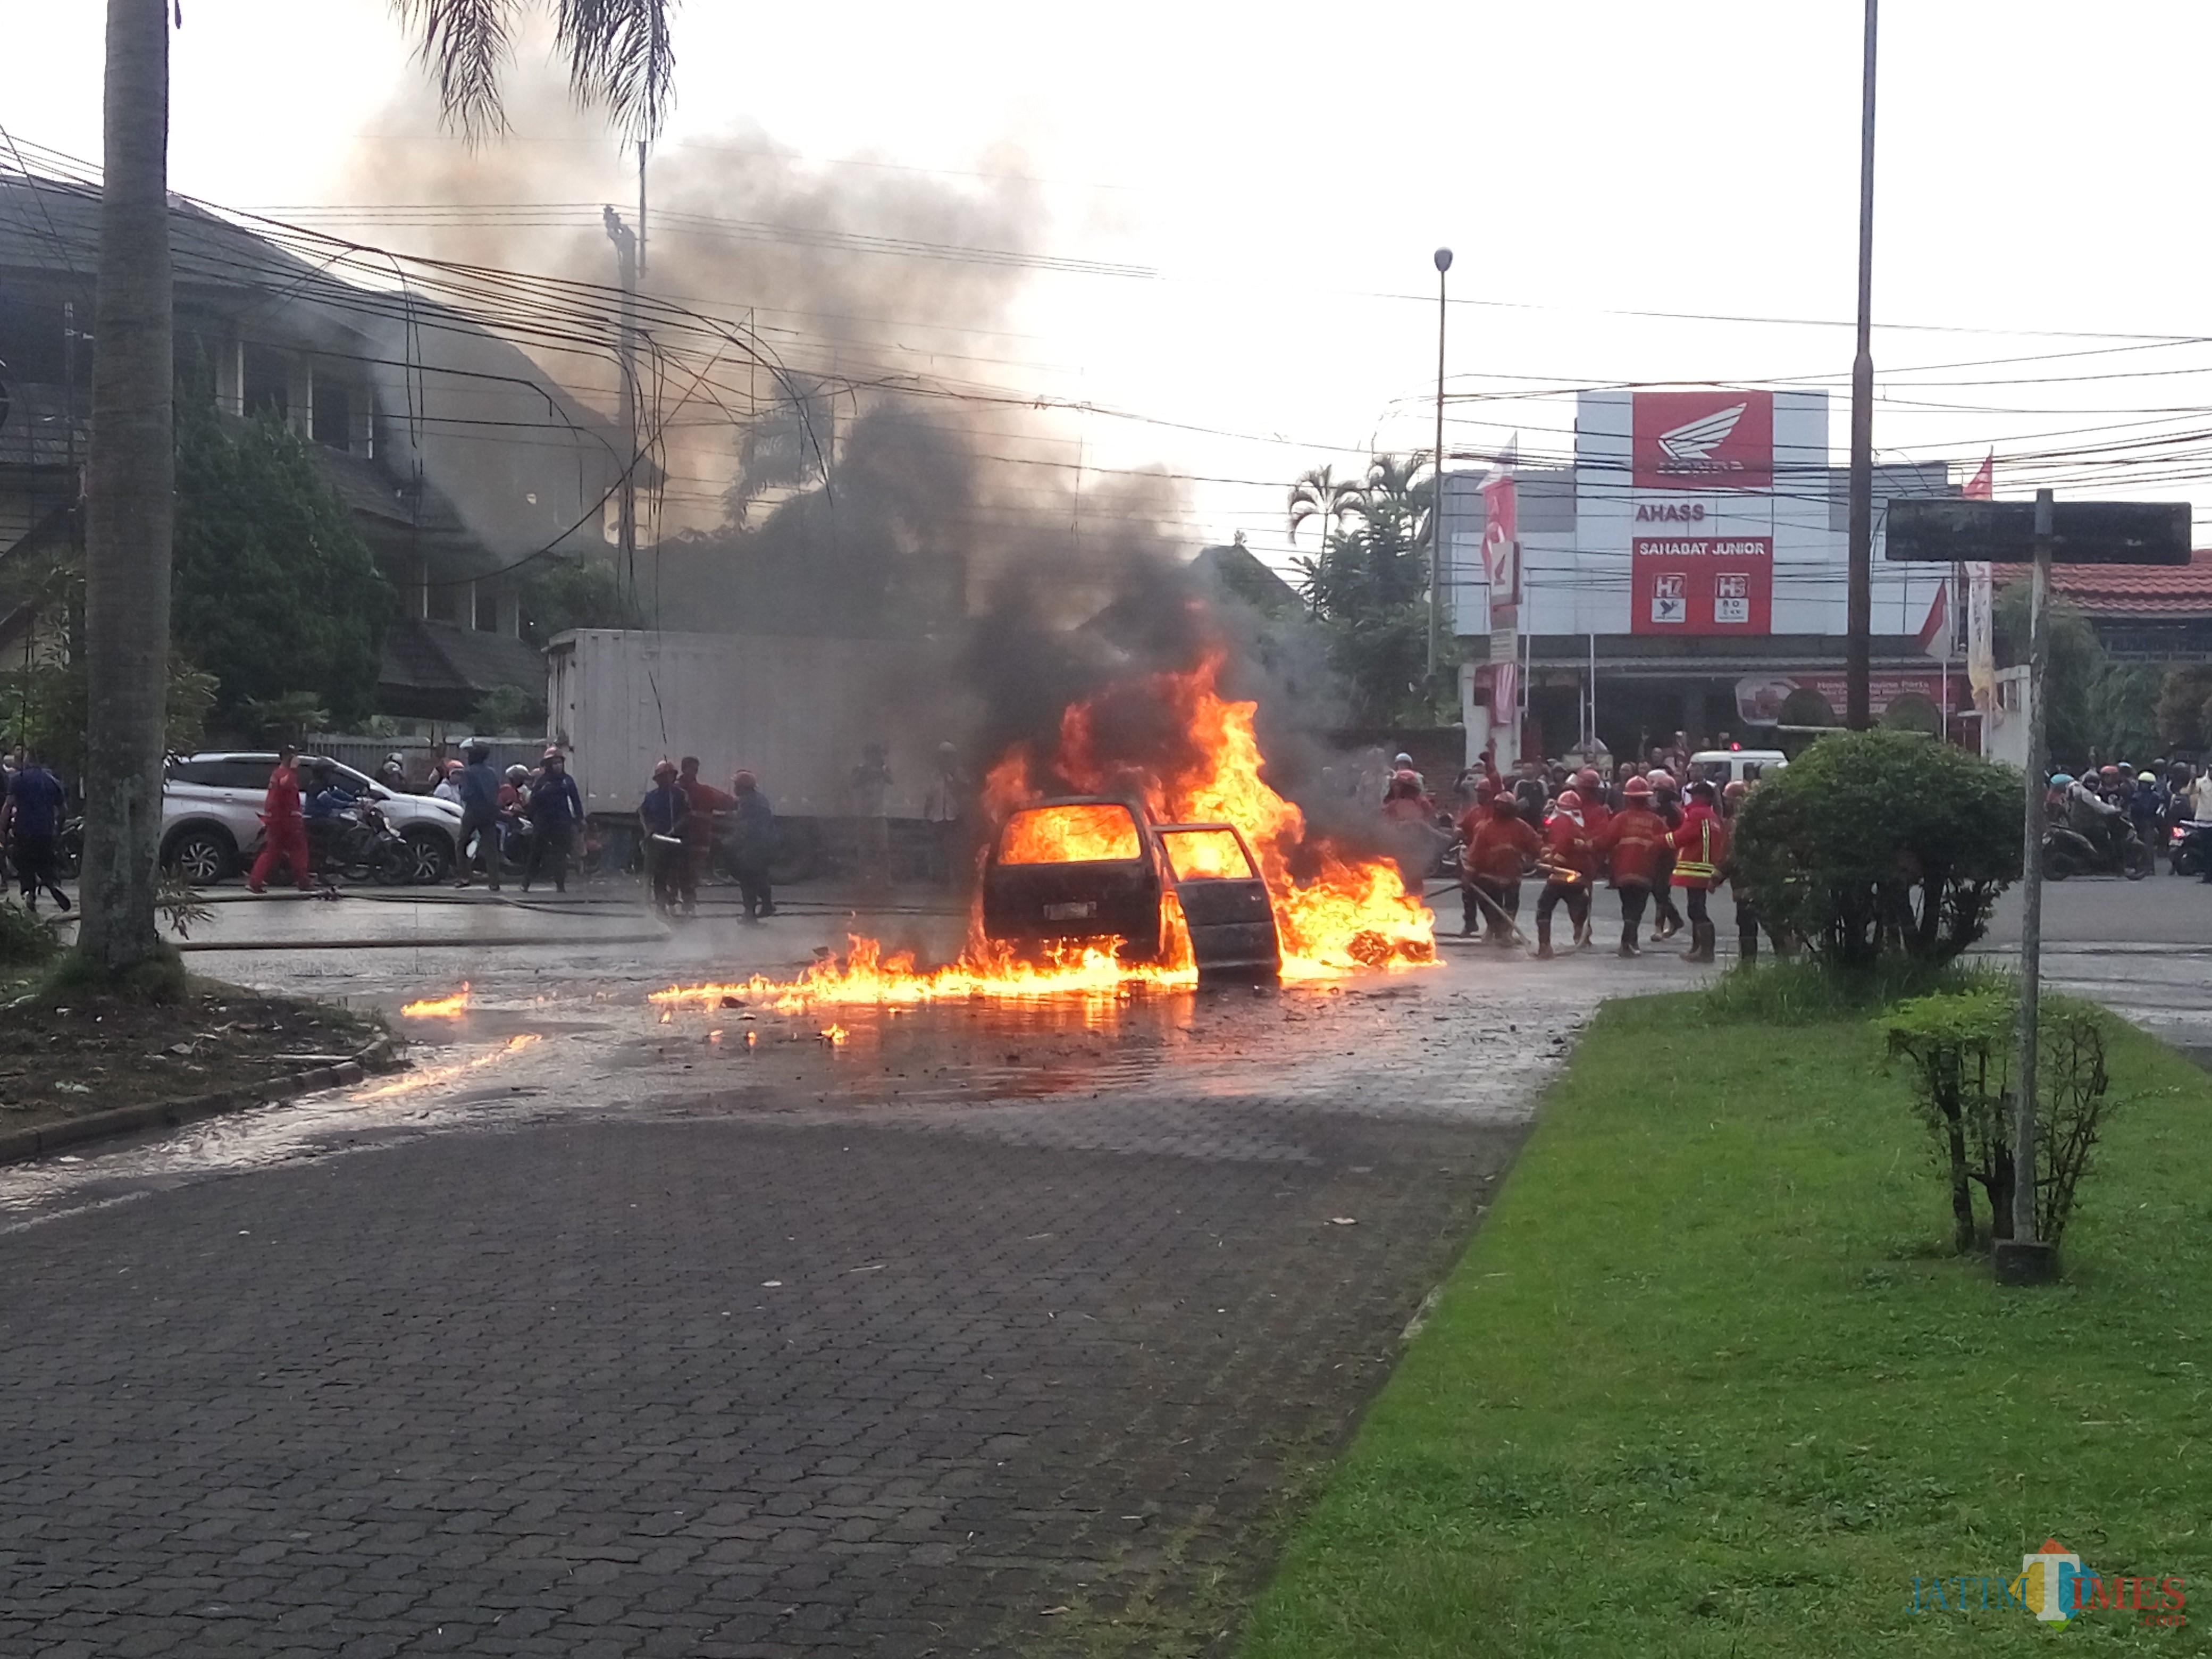 Mobil Espass yang terbakar di samping kantor pajak. (Anggara Sudiongko/MalangTIMES)